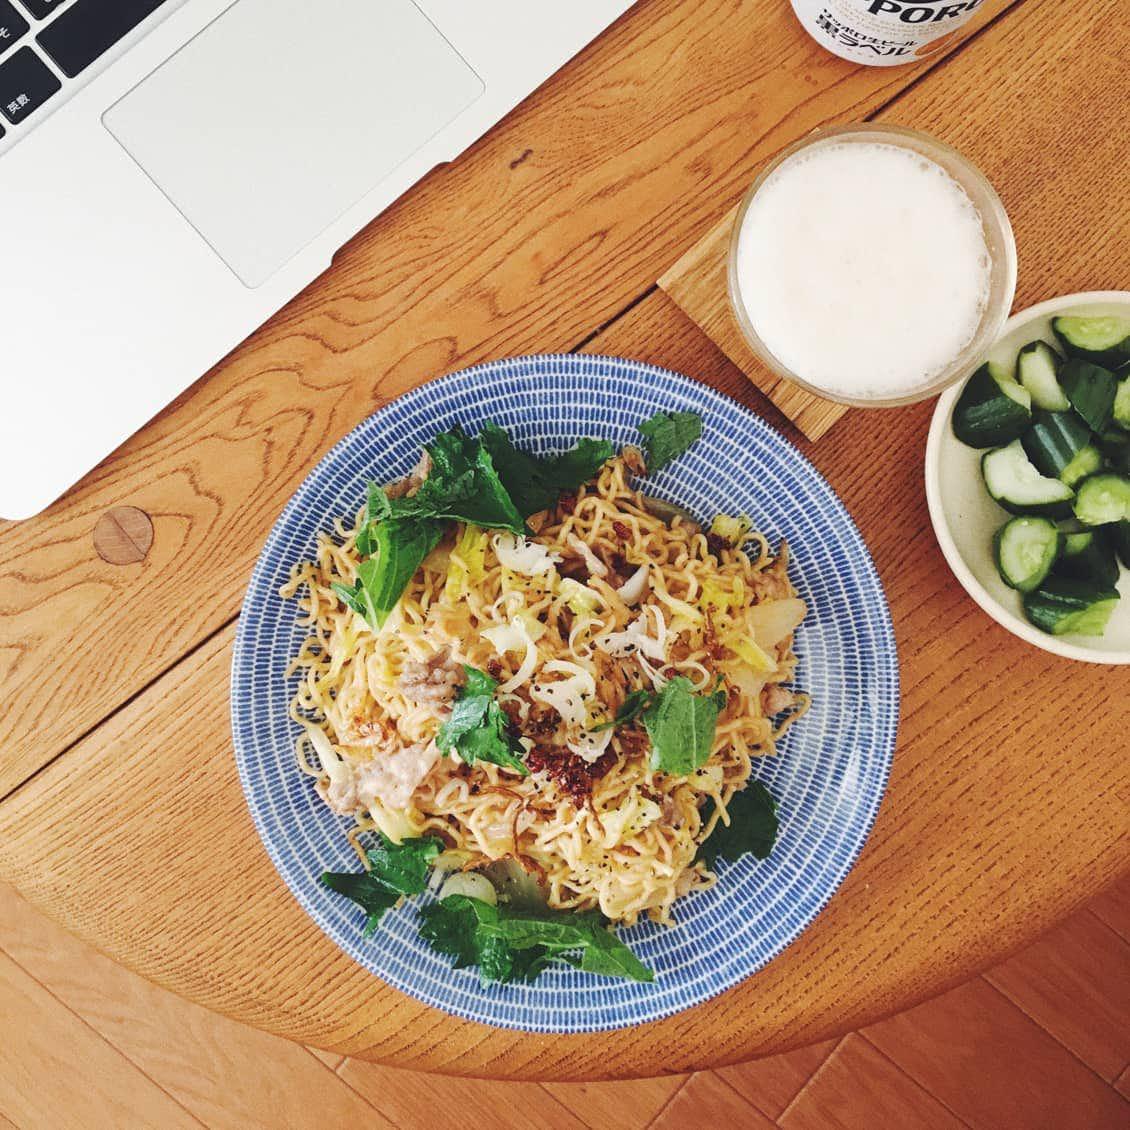 【スタッフコラム】夏は麺料理がおいしい季節。